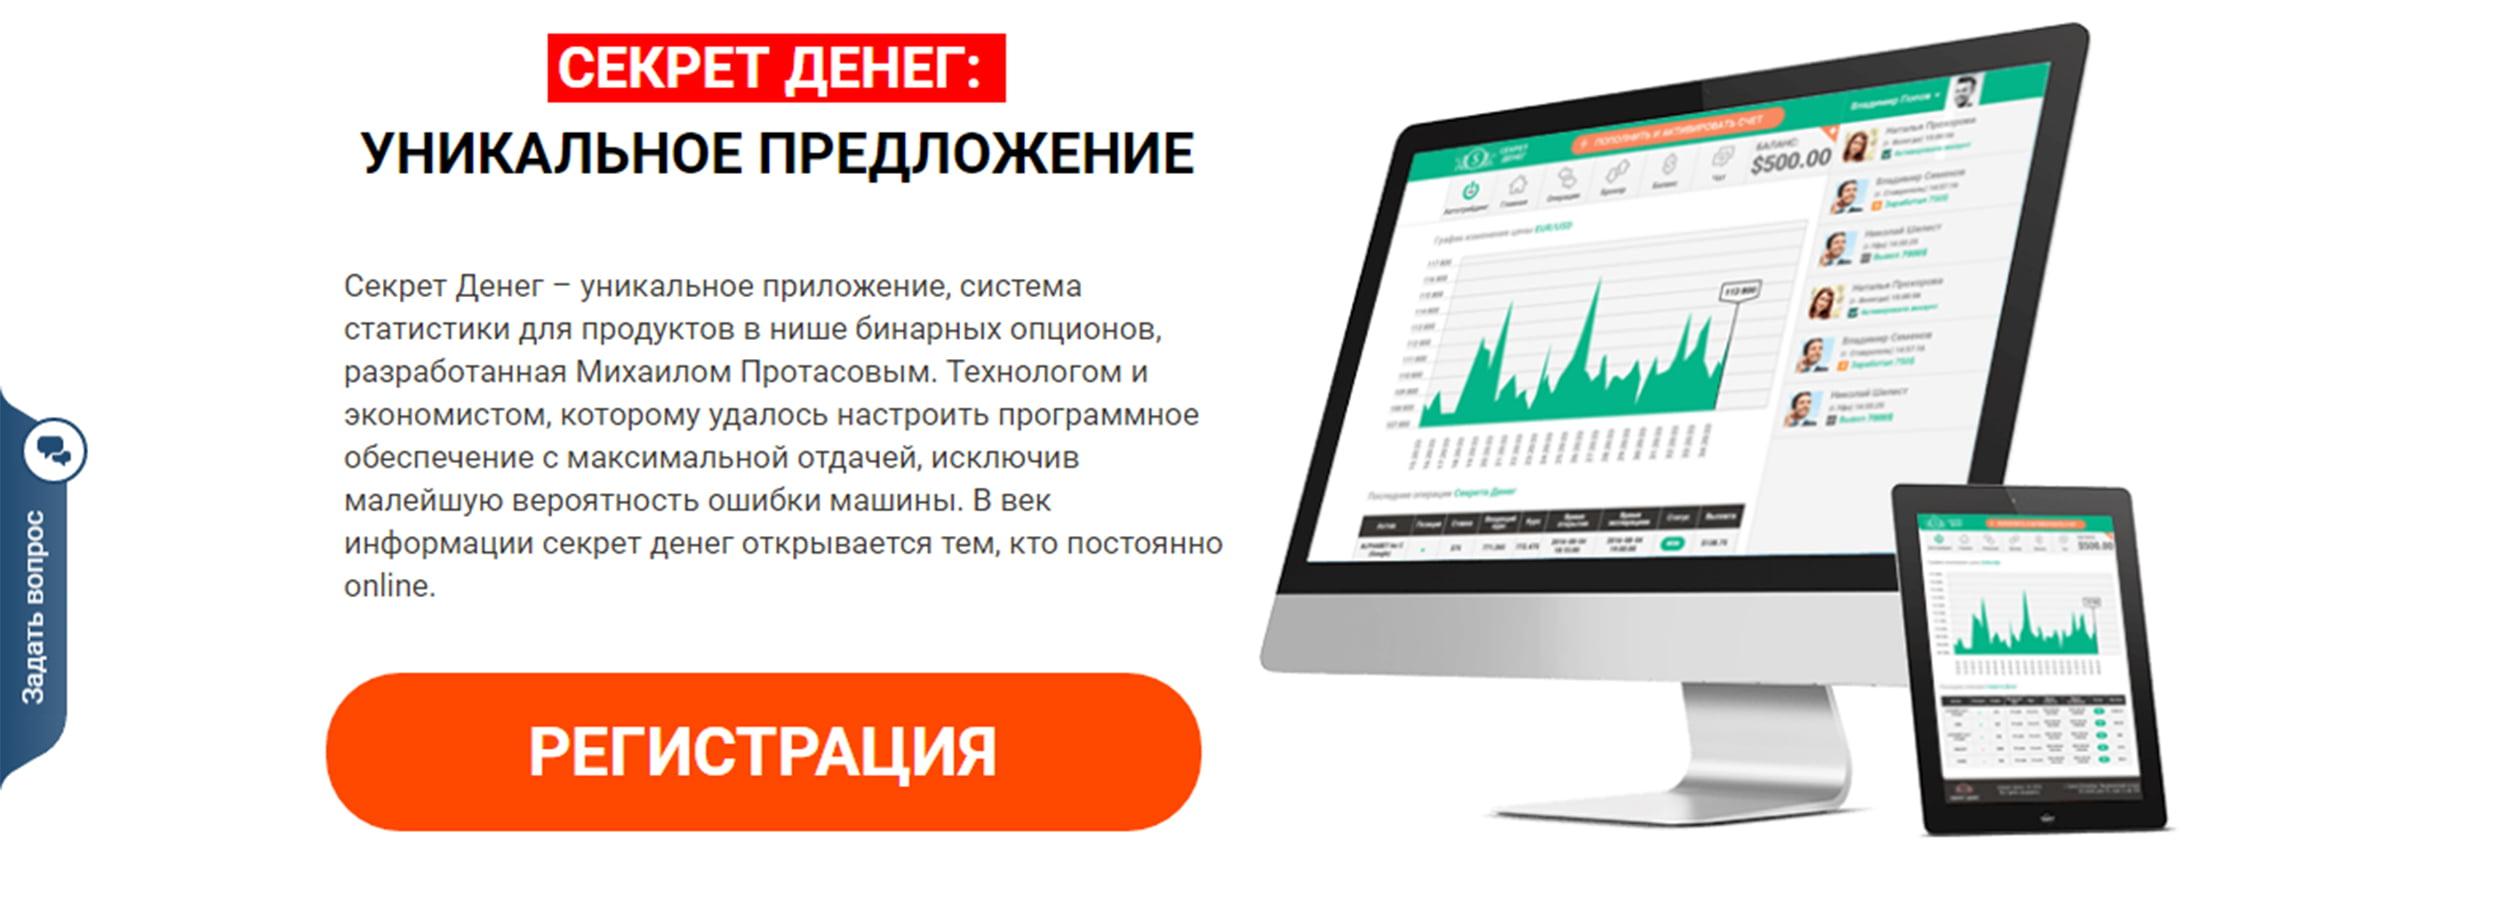 Видеоролик секрет денег Протасова